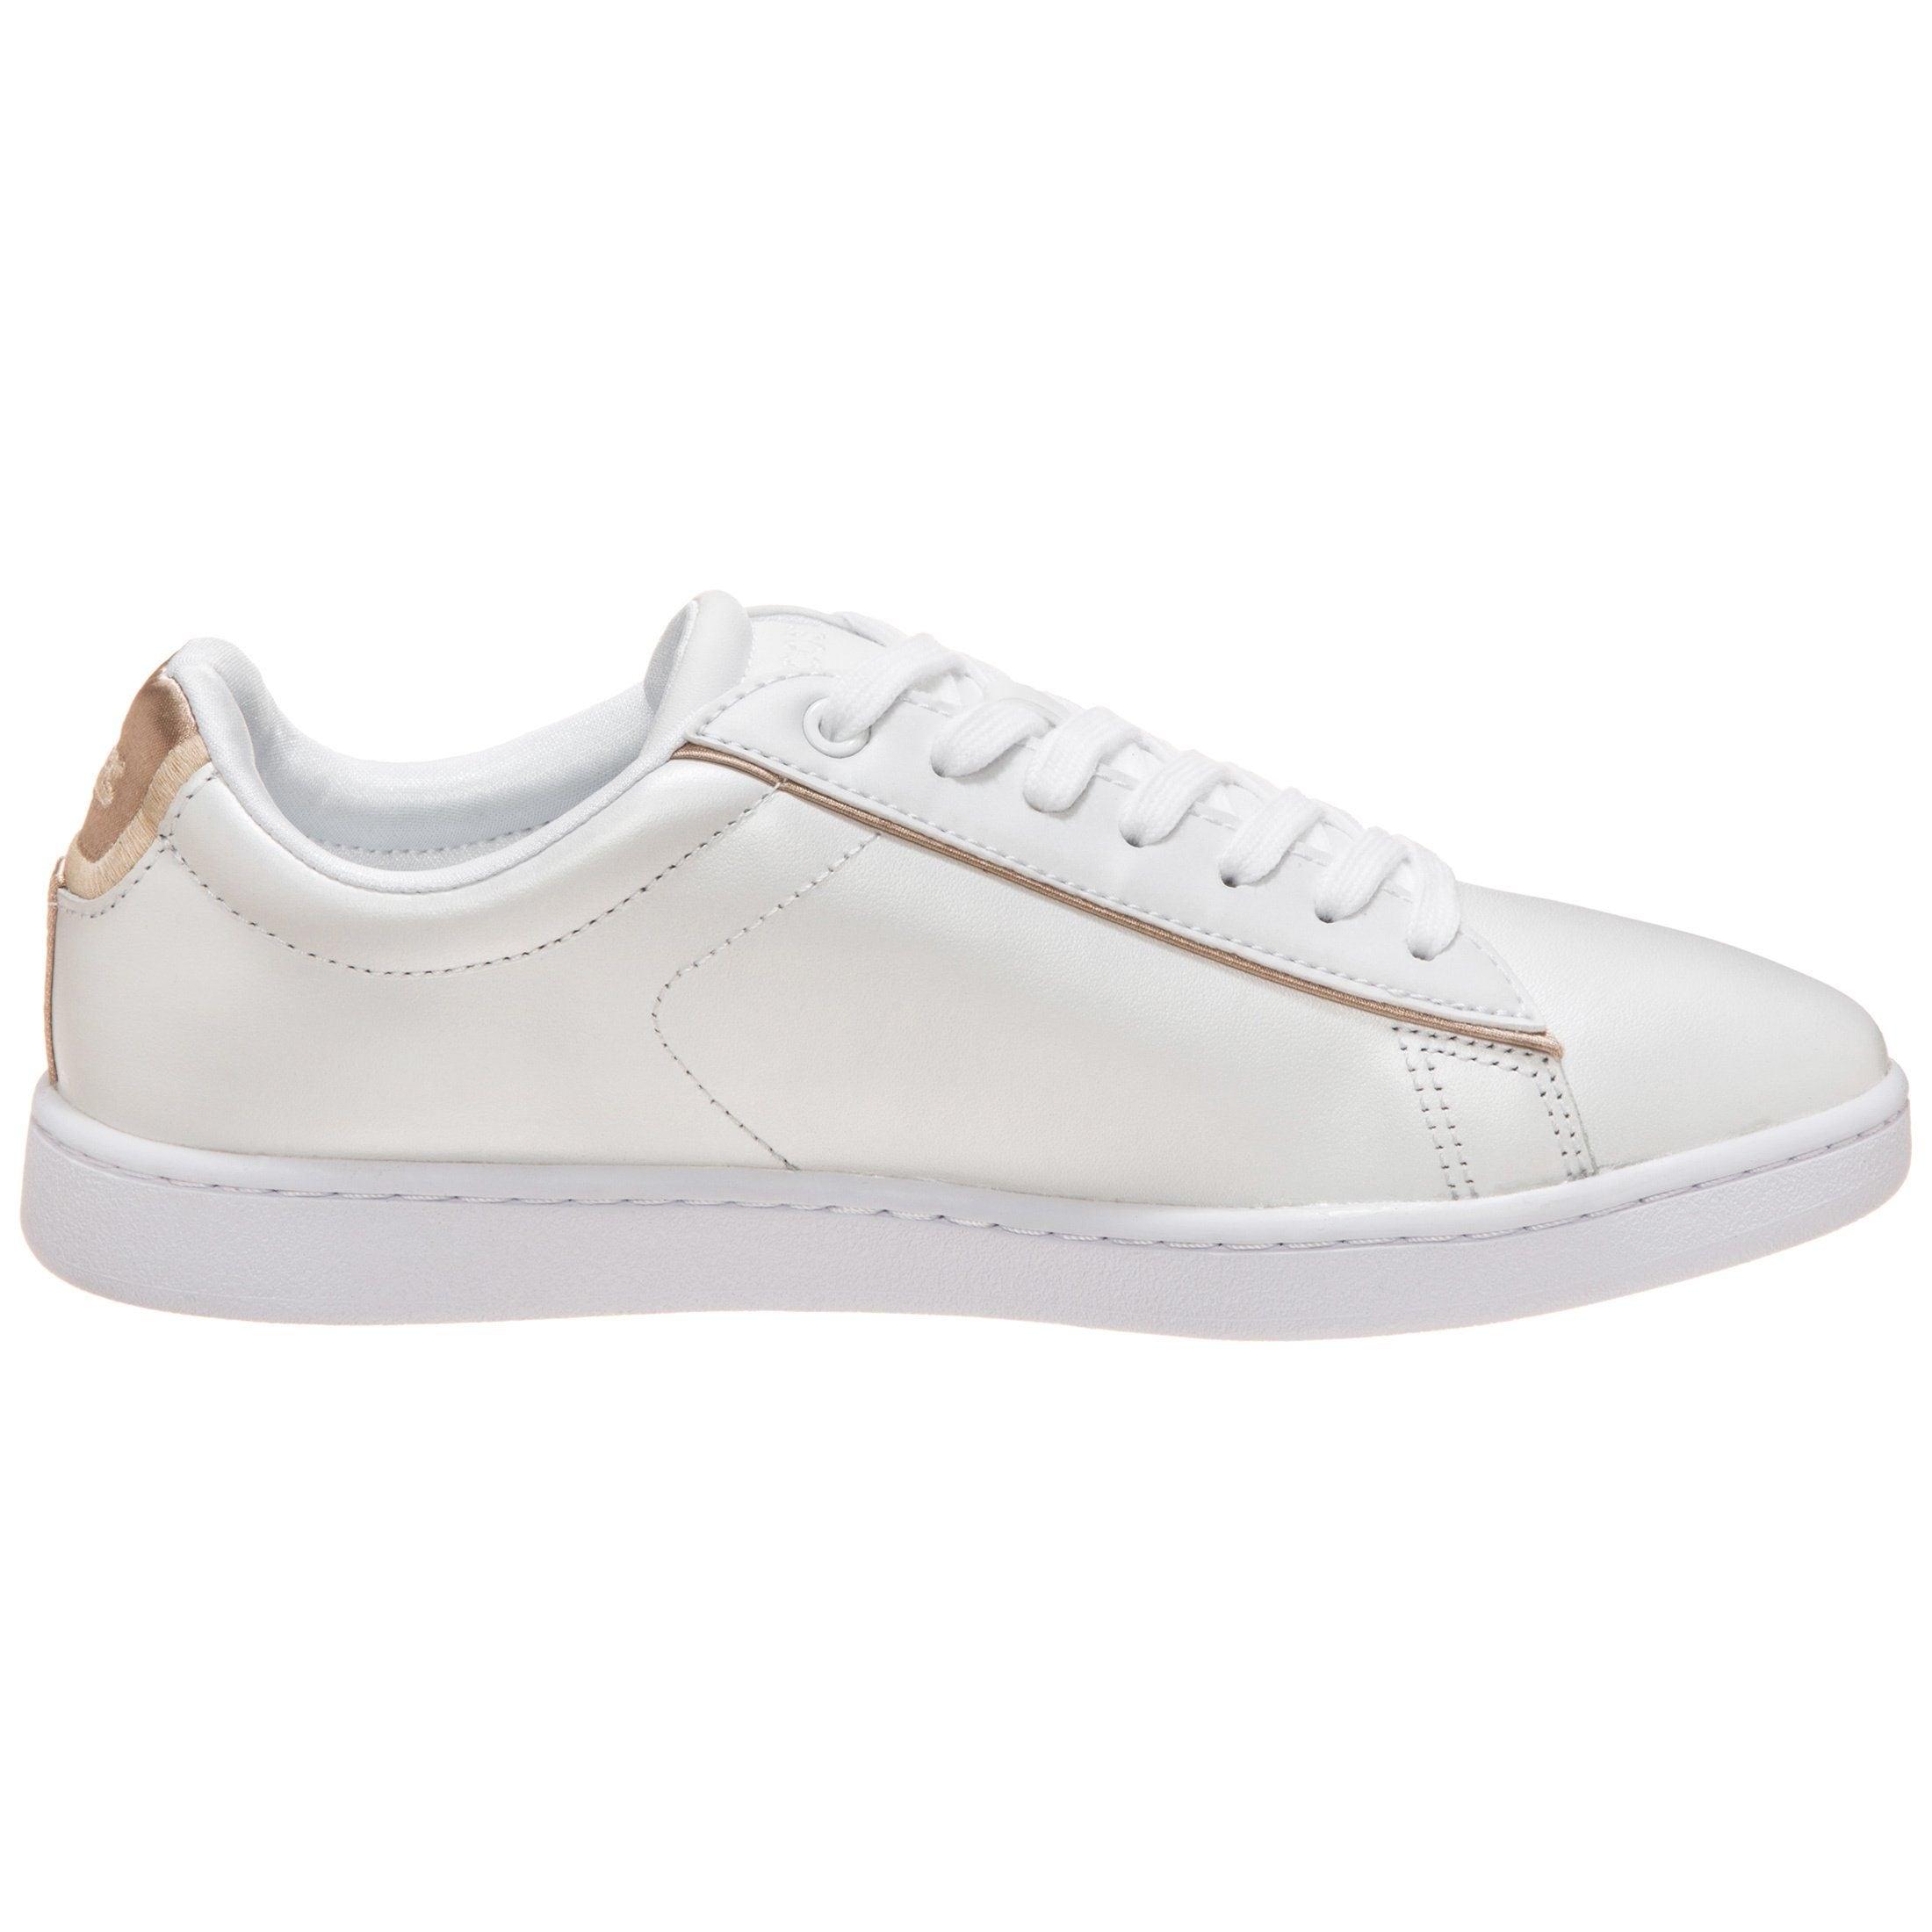 Lacoste Sneaker »Carnaby Evo« Gutes bequem online kaufen | Gutes Evo« Preis-Leistungs-Verhältnis, es lohnt sich 830bd8